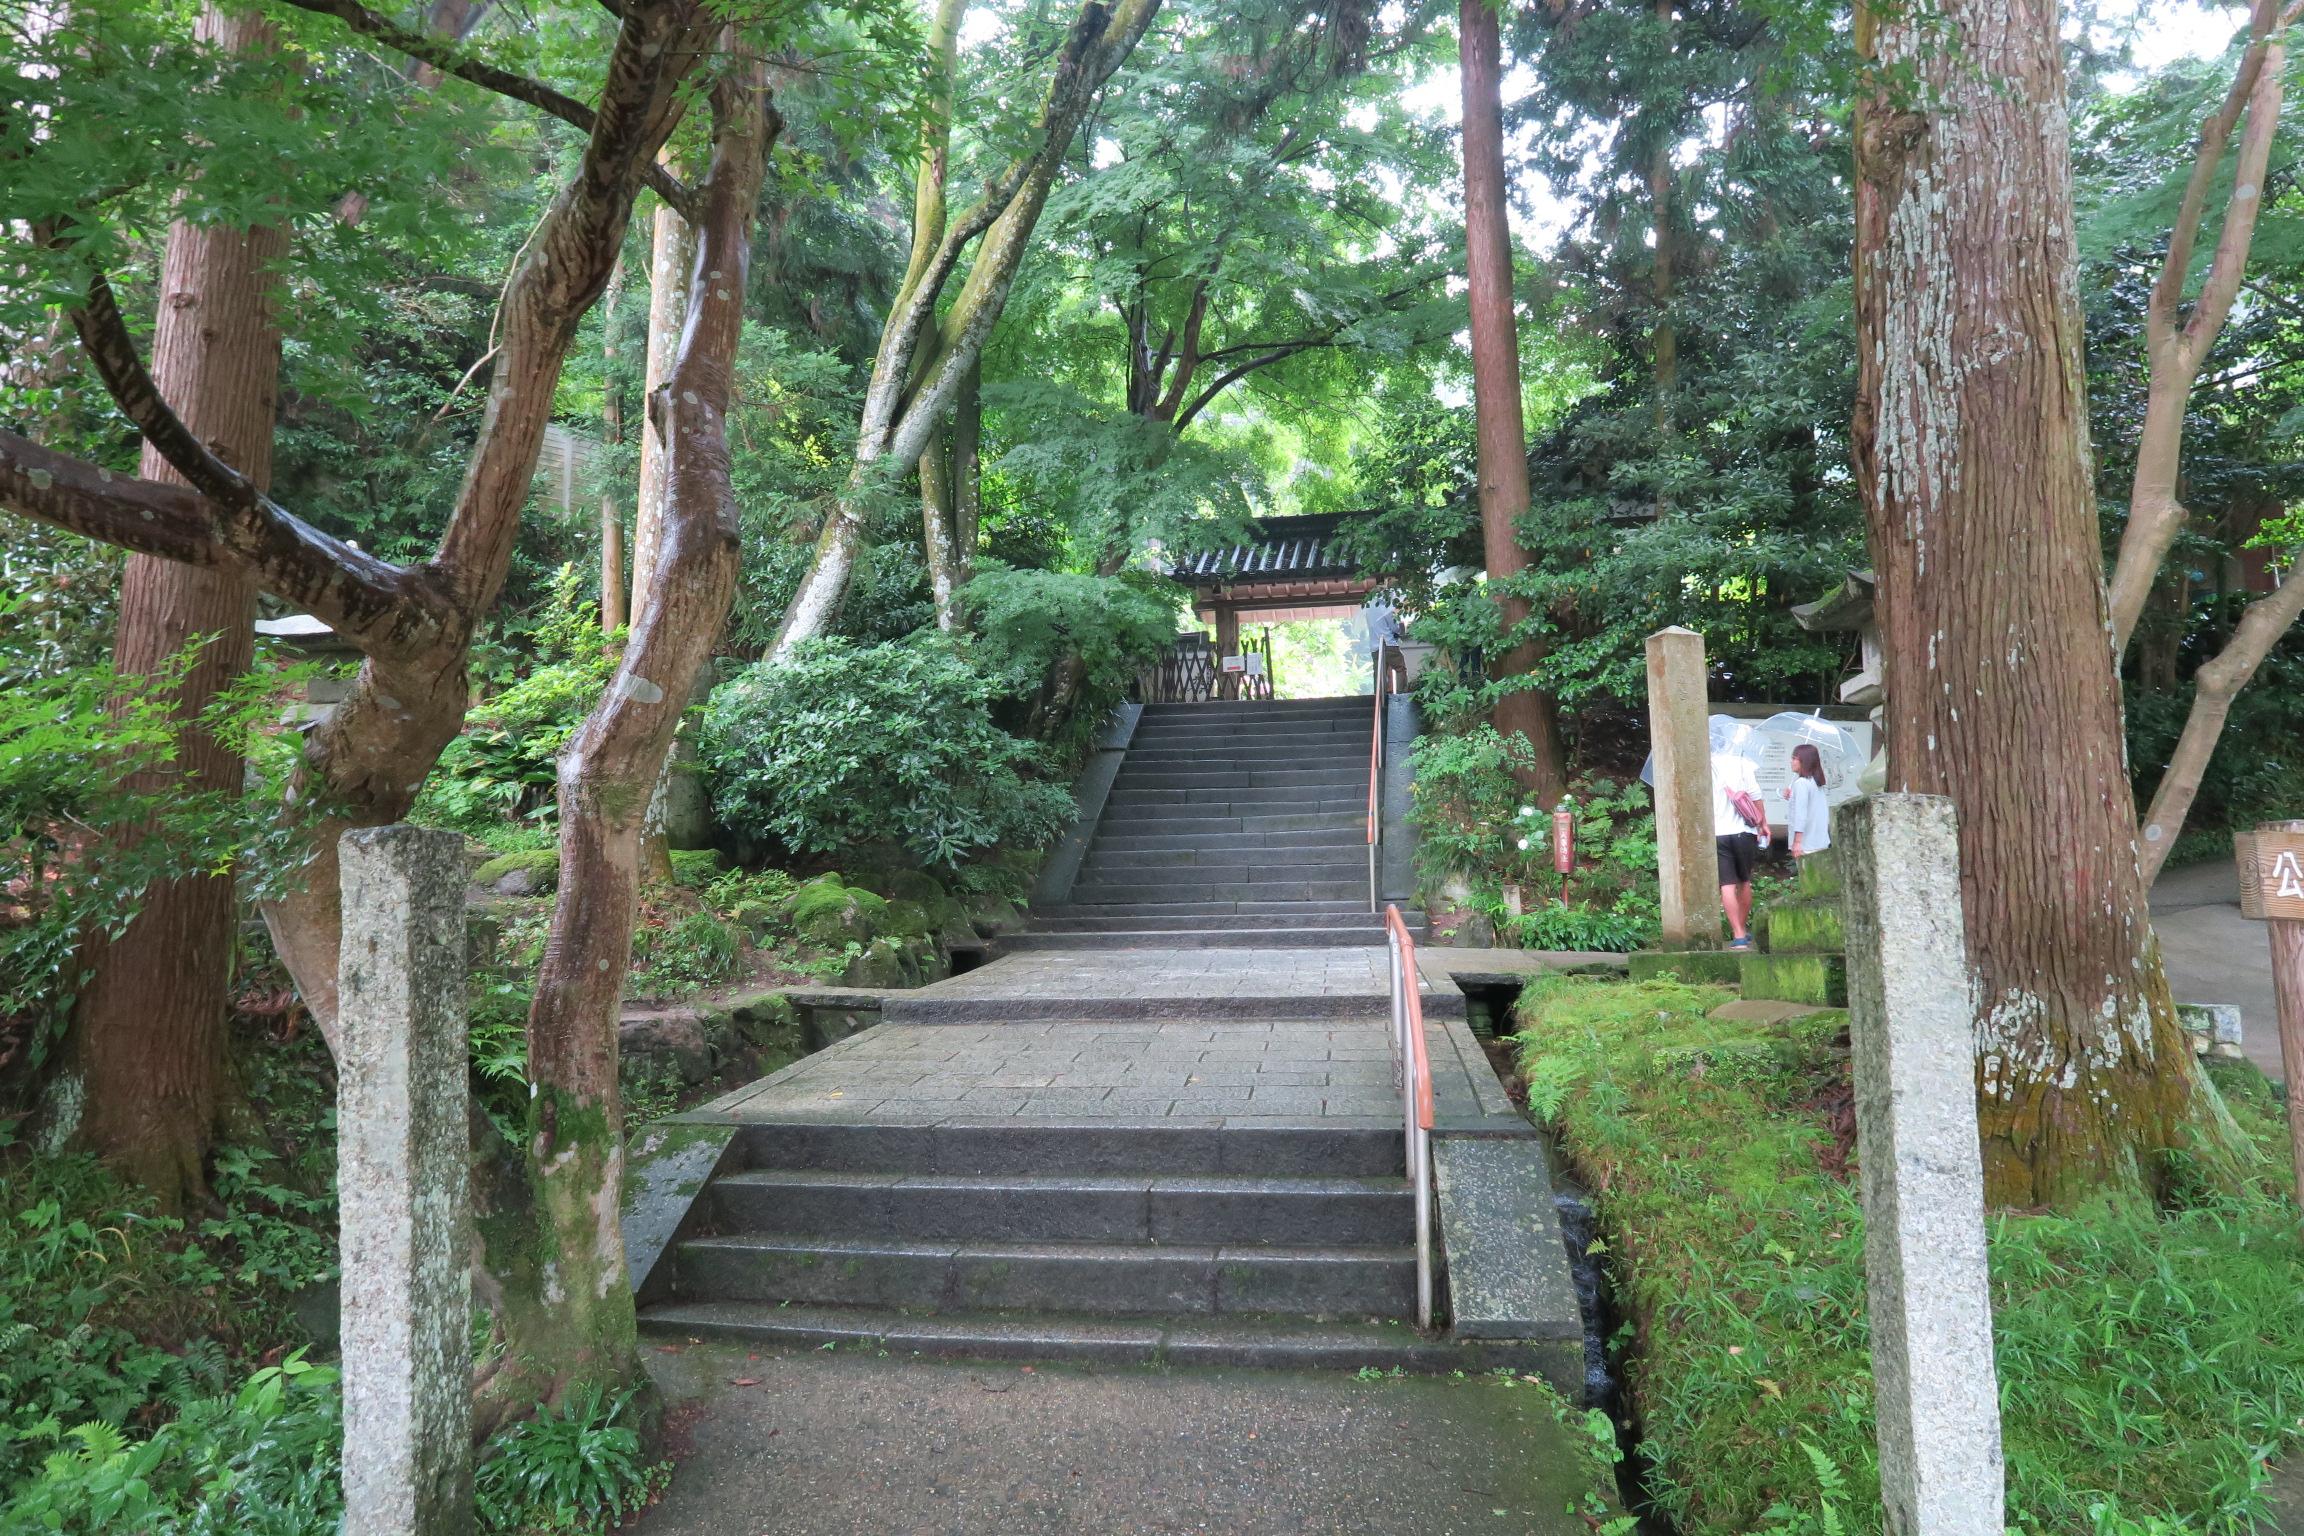 「関西のあじさい寺」と呼ばれる岩船寺。石段を登ると趣きある山門があります。